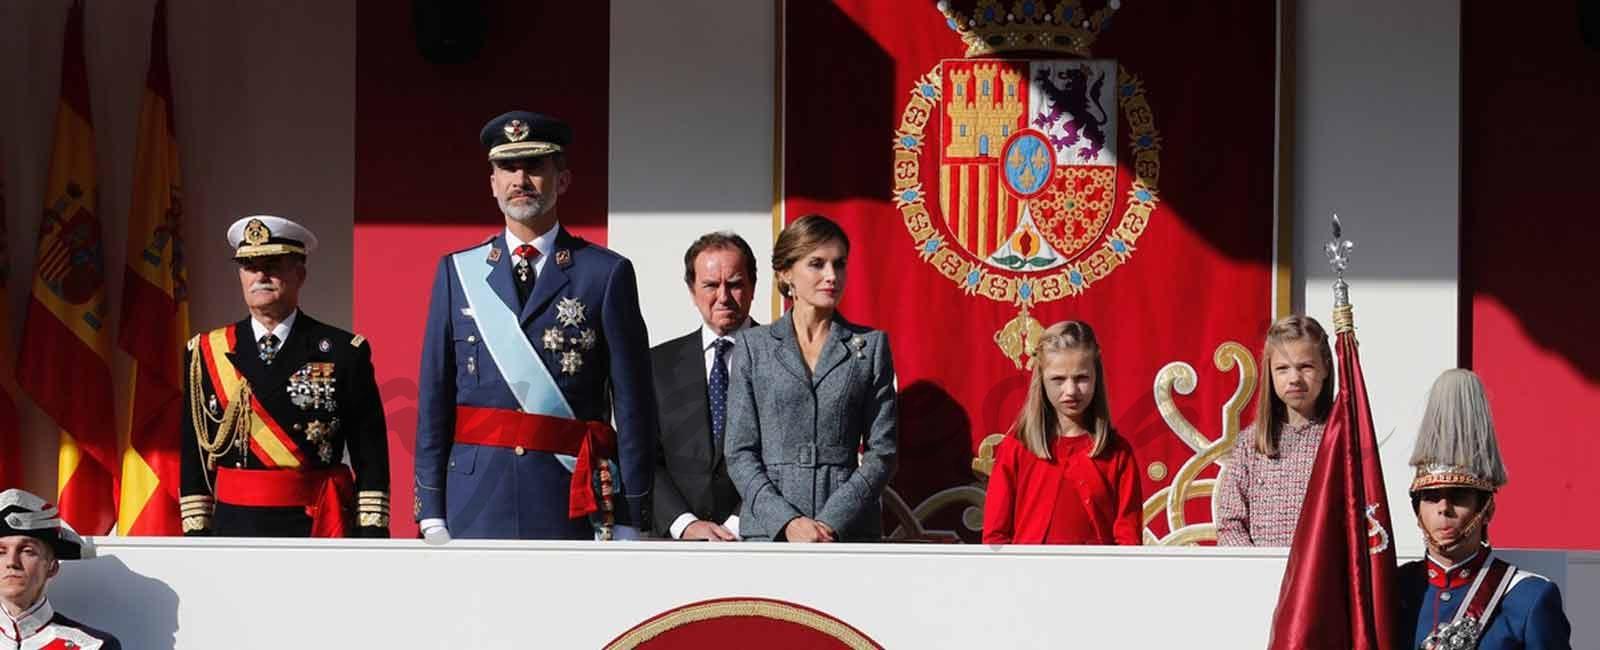 Los Reyes y sus hijas celebran el Día de la Fiesta Nacional